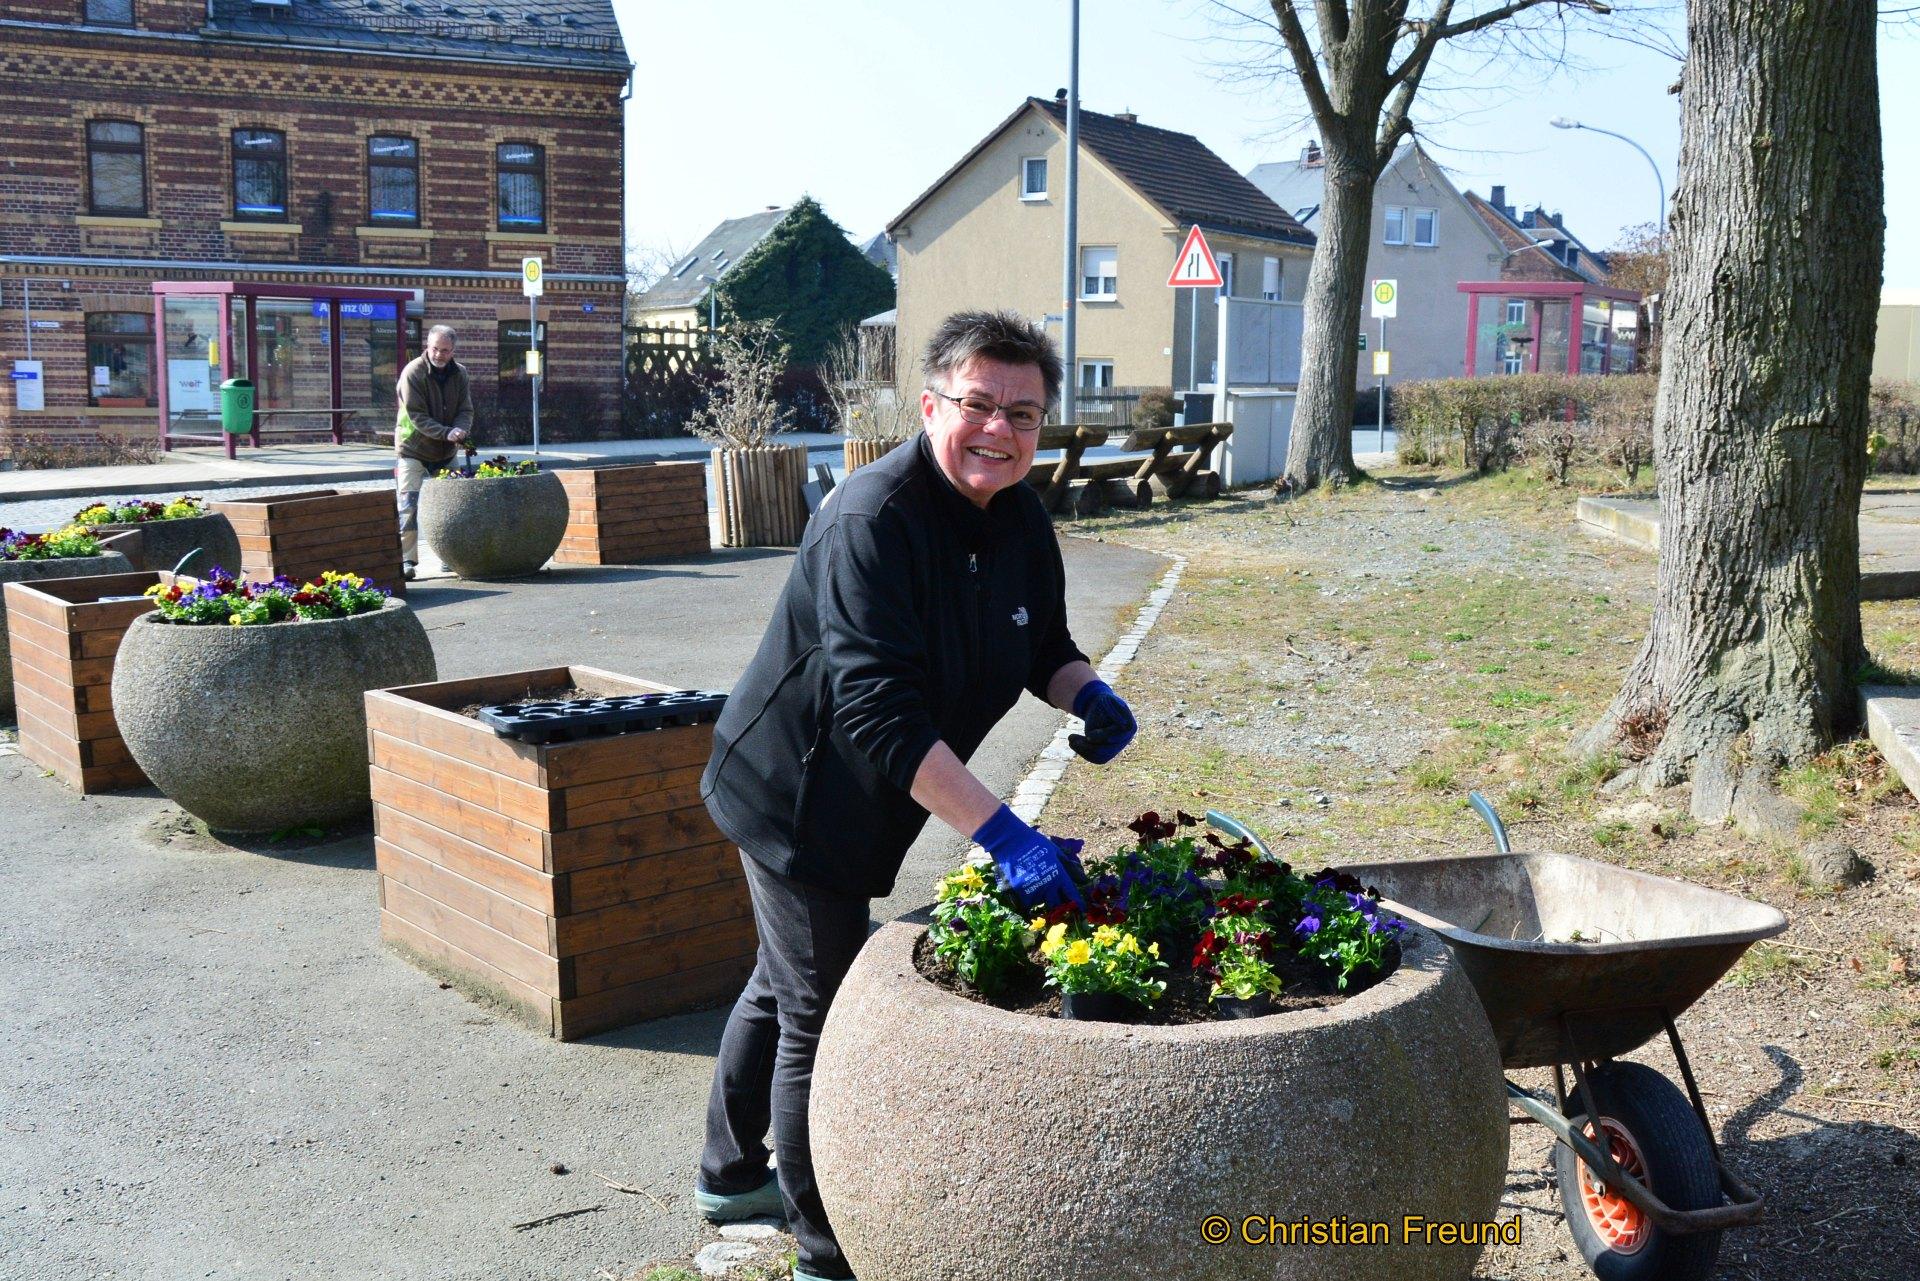 Eine große Anzahl bunte Stiefmütterchen pflanzten Silvia und Stephan Wolf in die Kübel vor dem Denkmal in Greiz- Obergrochlitz und sorgten damit für einen schönen Blickfang.